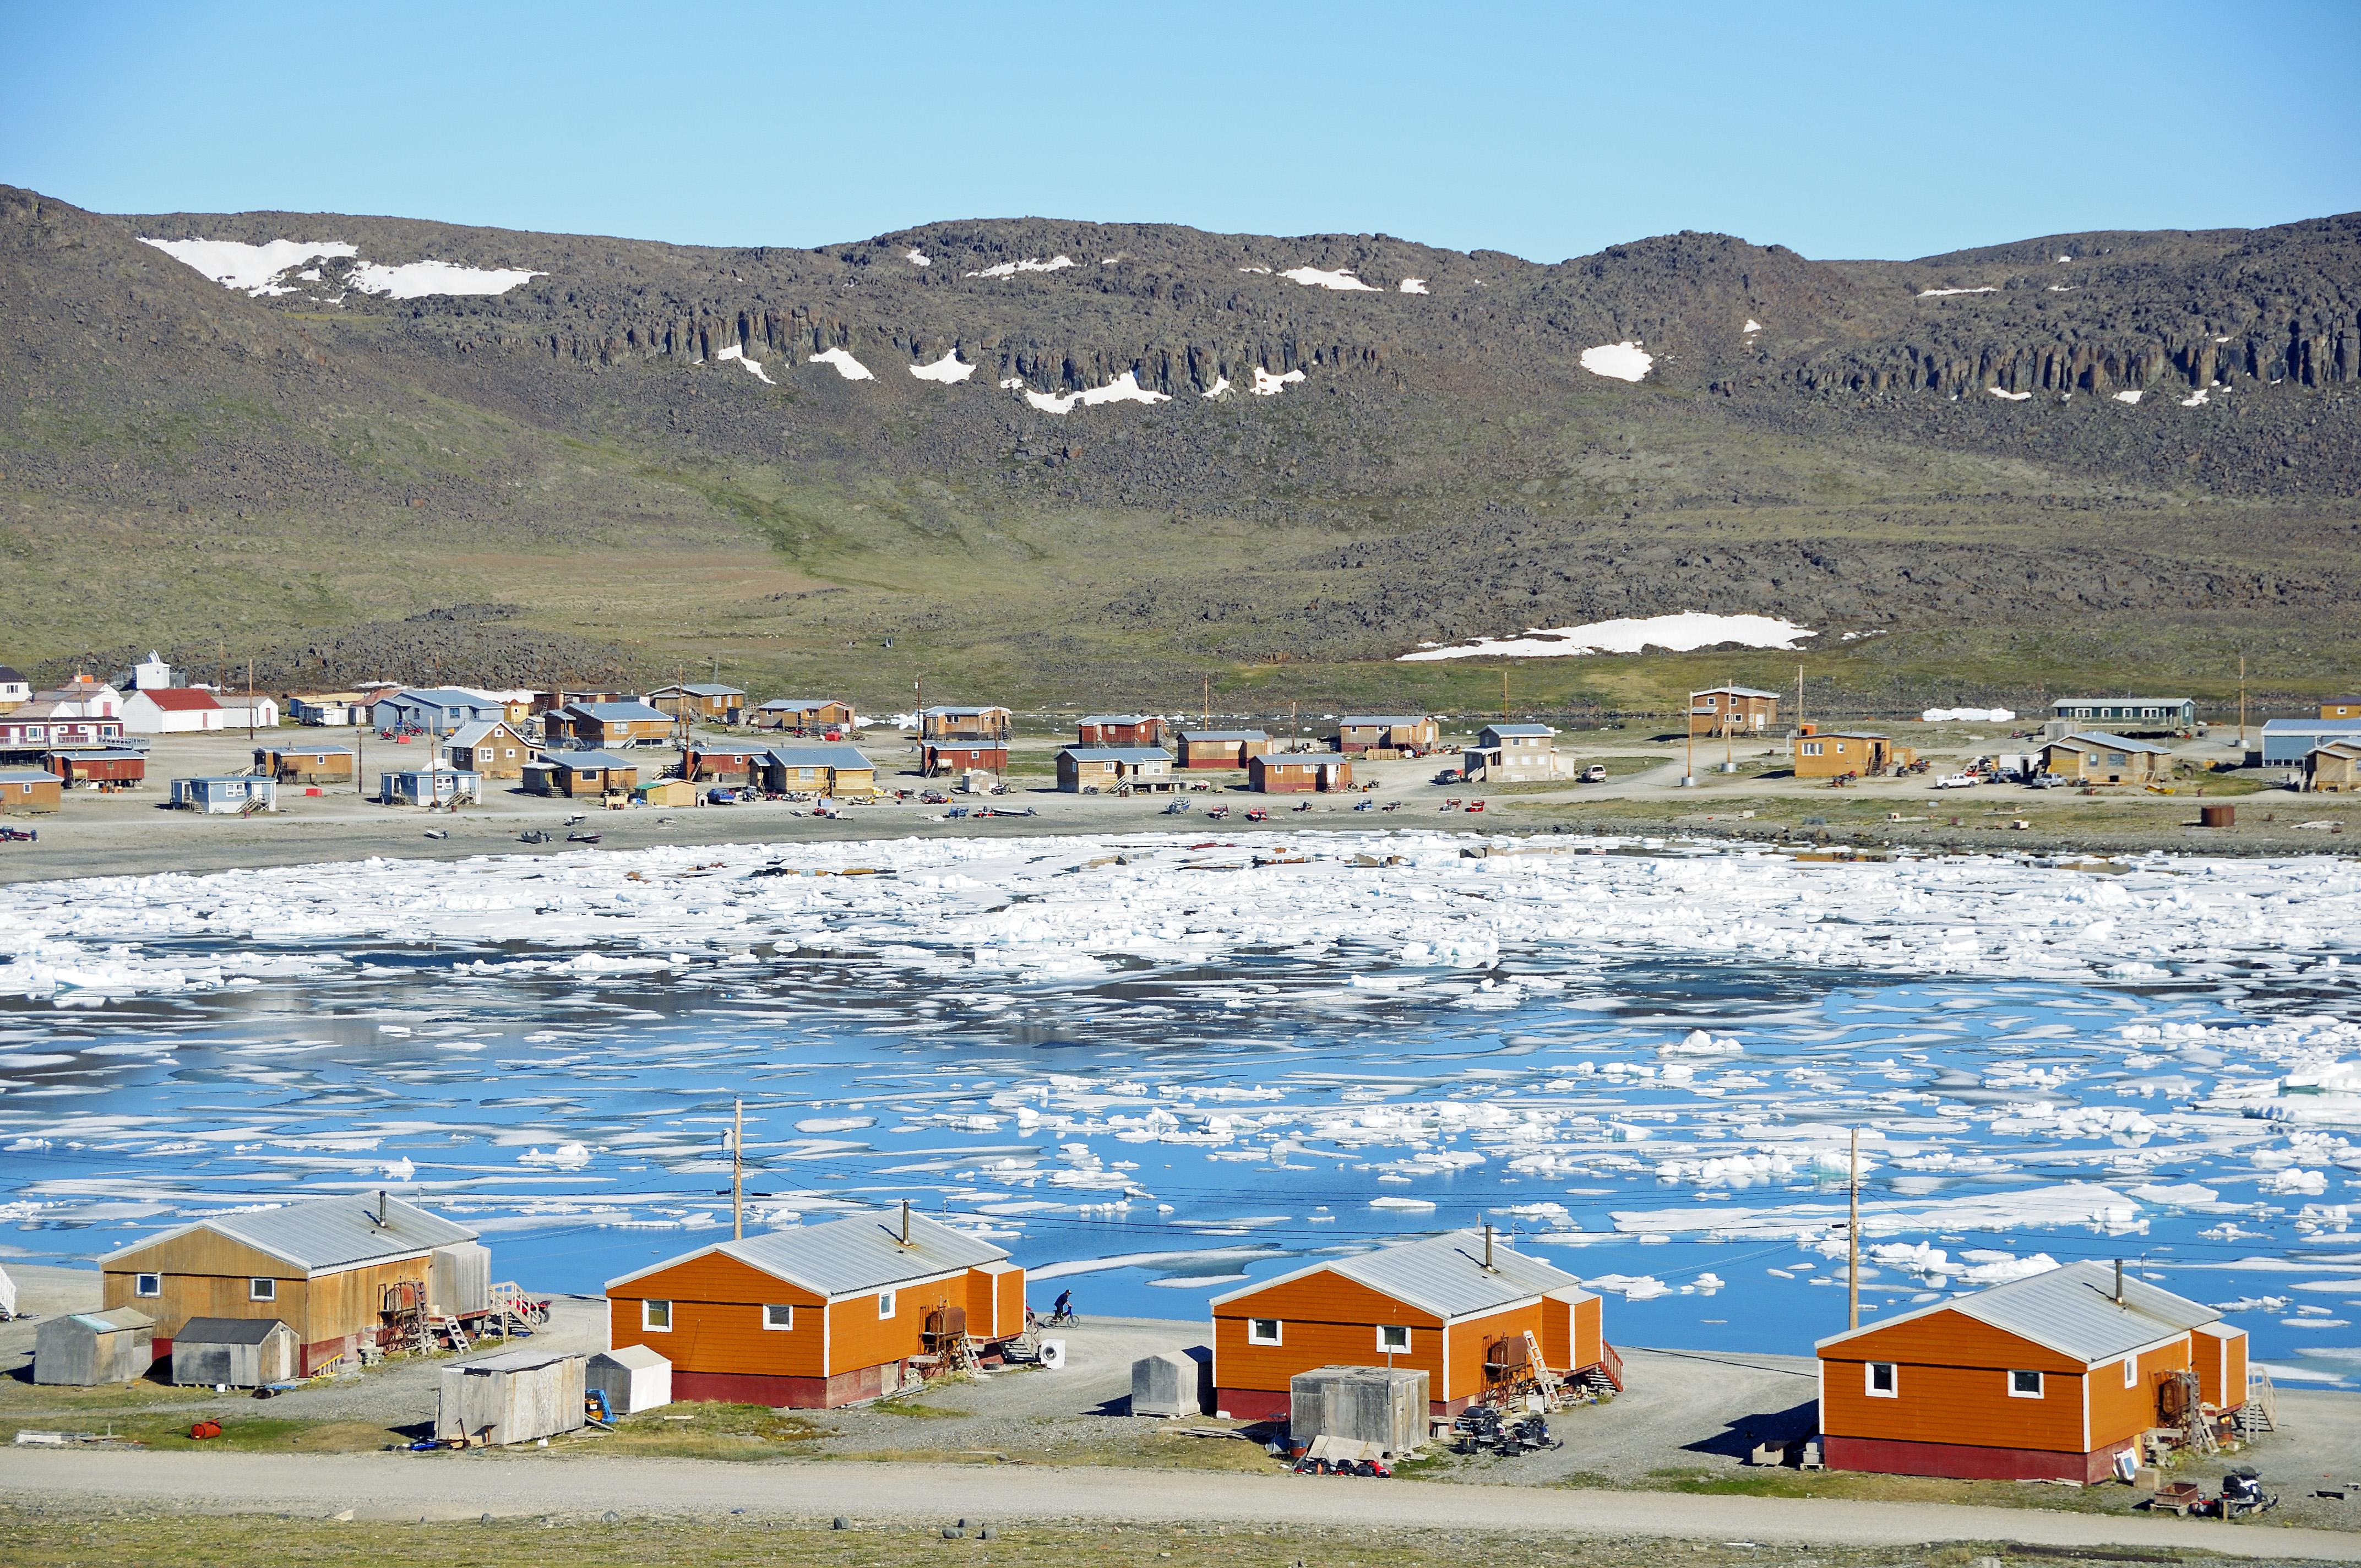 Blick auf das Inuit-Dorf Ulukhaktok mit Eis-Schollen in der Beaufort Sea, Nordpolarmeer, Victoria Island (vorher Holman Island), Northwest Territories, Kanada, Amerika